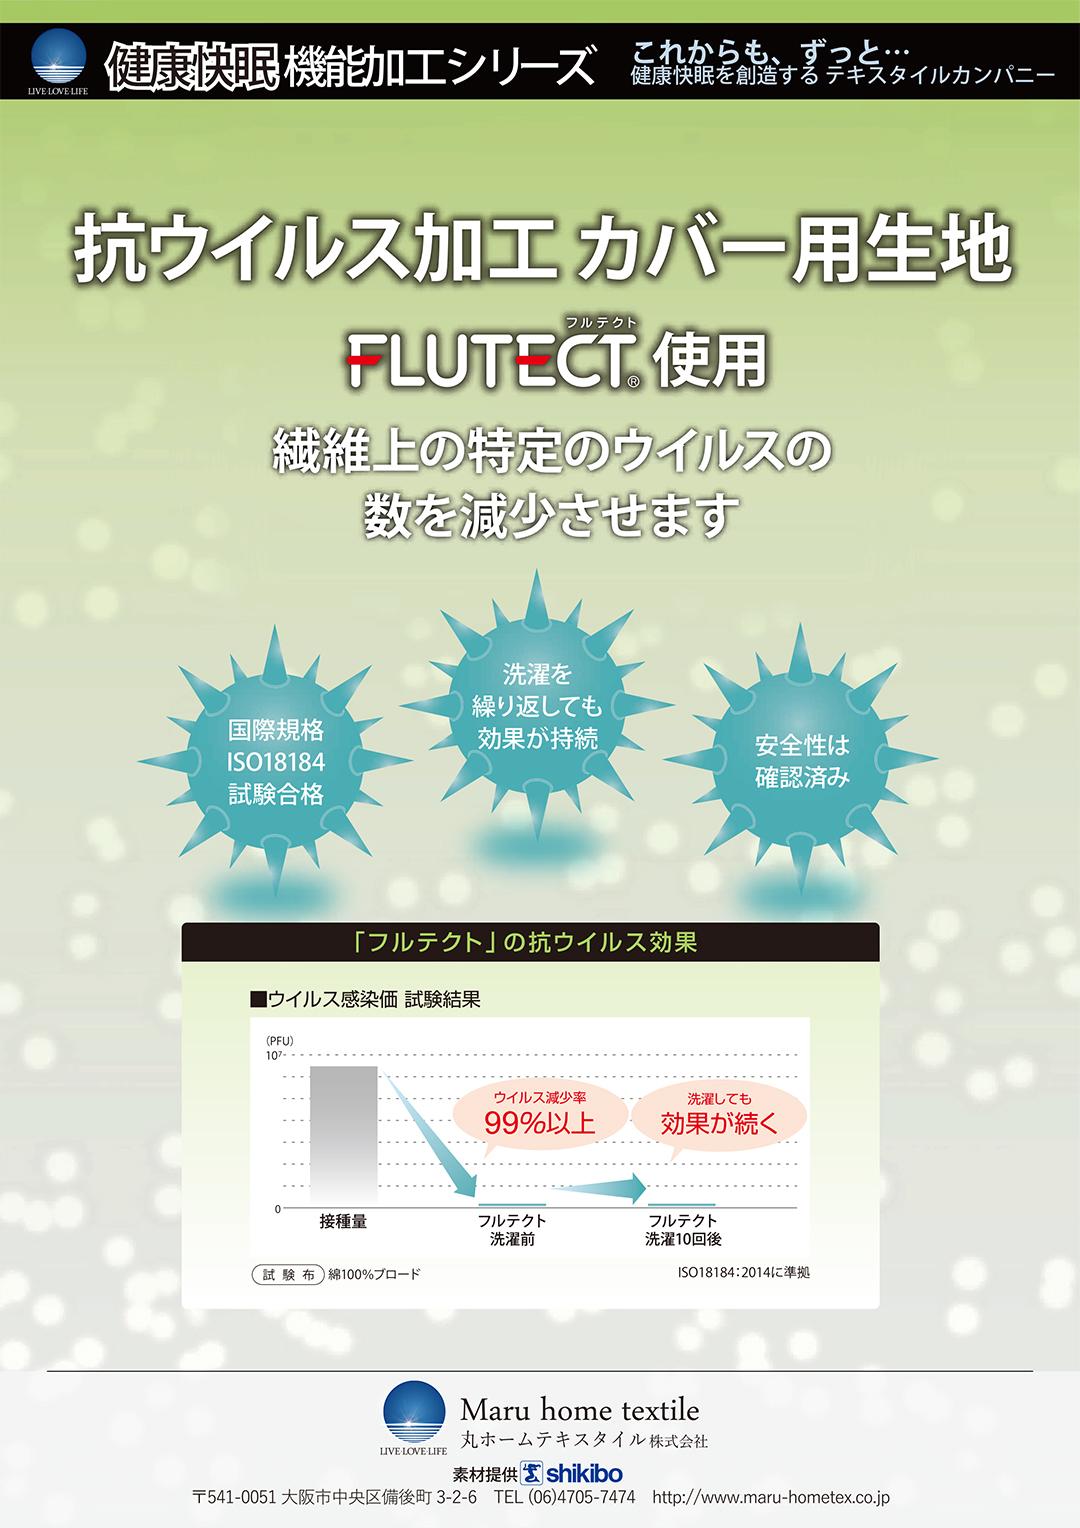 抗ウイルス加工 フルテクト 生地 キャンペーン実施中(2020年9月6日まで)